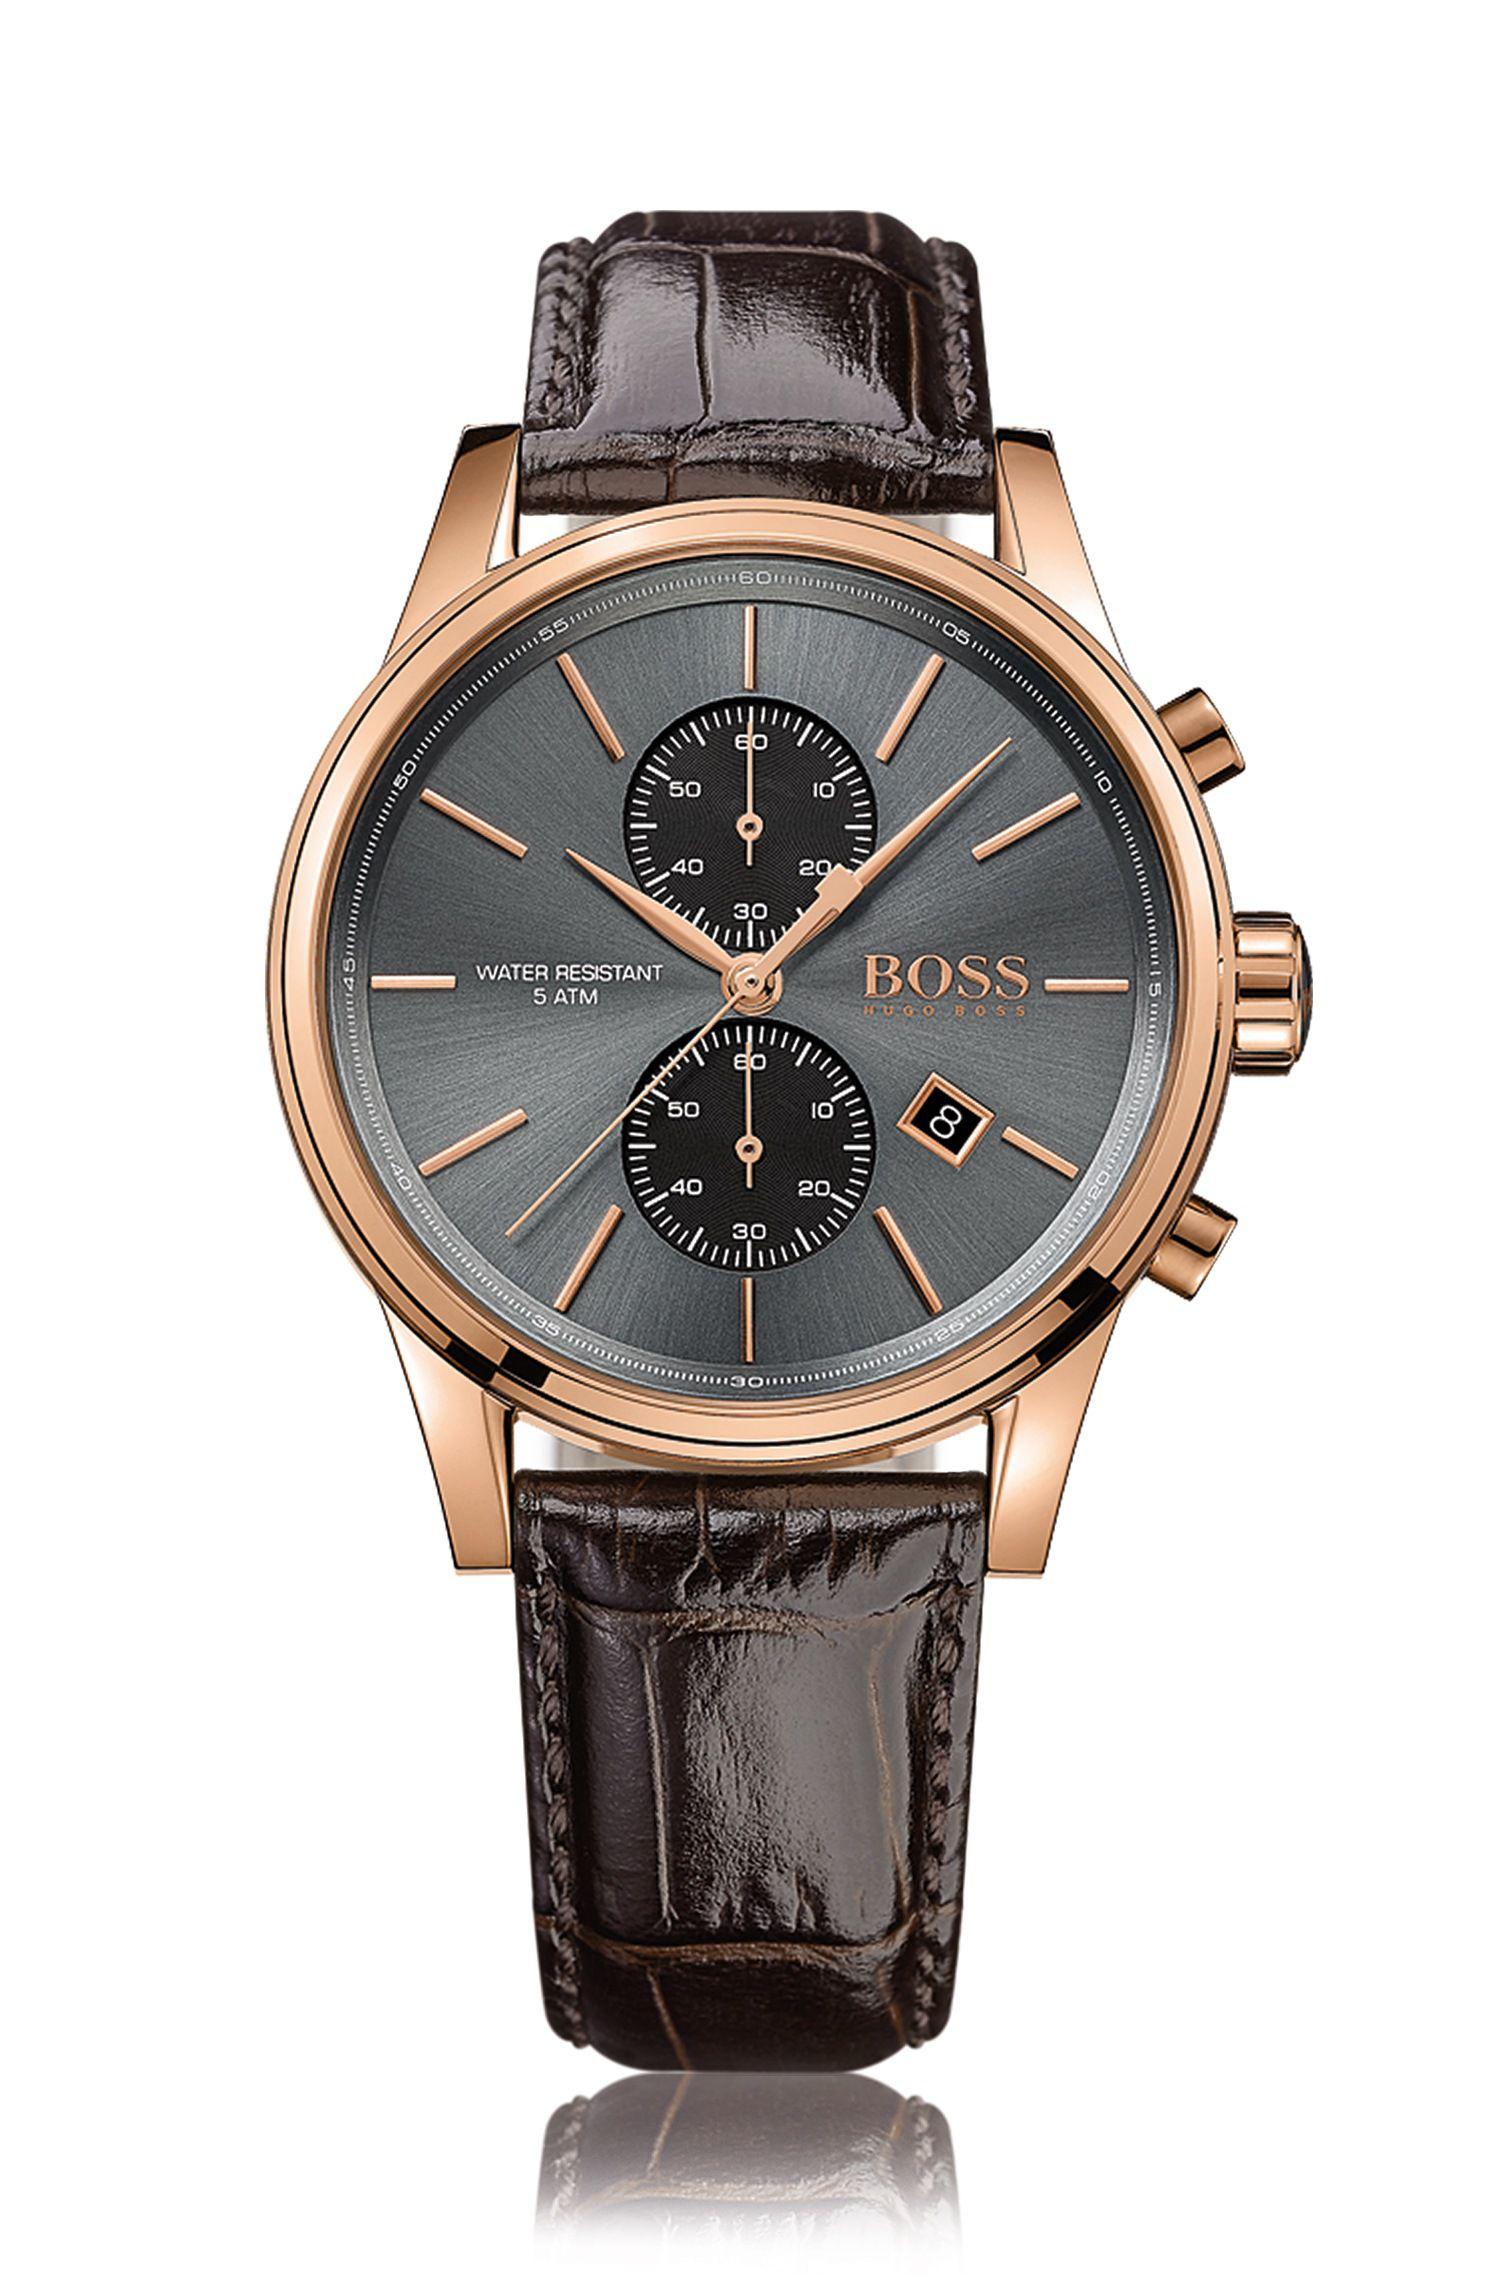 Montre chronographe à cadran gris soleillé avec deux sous-cadrans, en acier inoxydable plaqué or rose